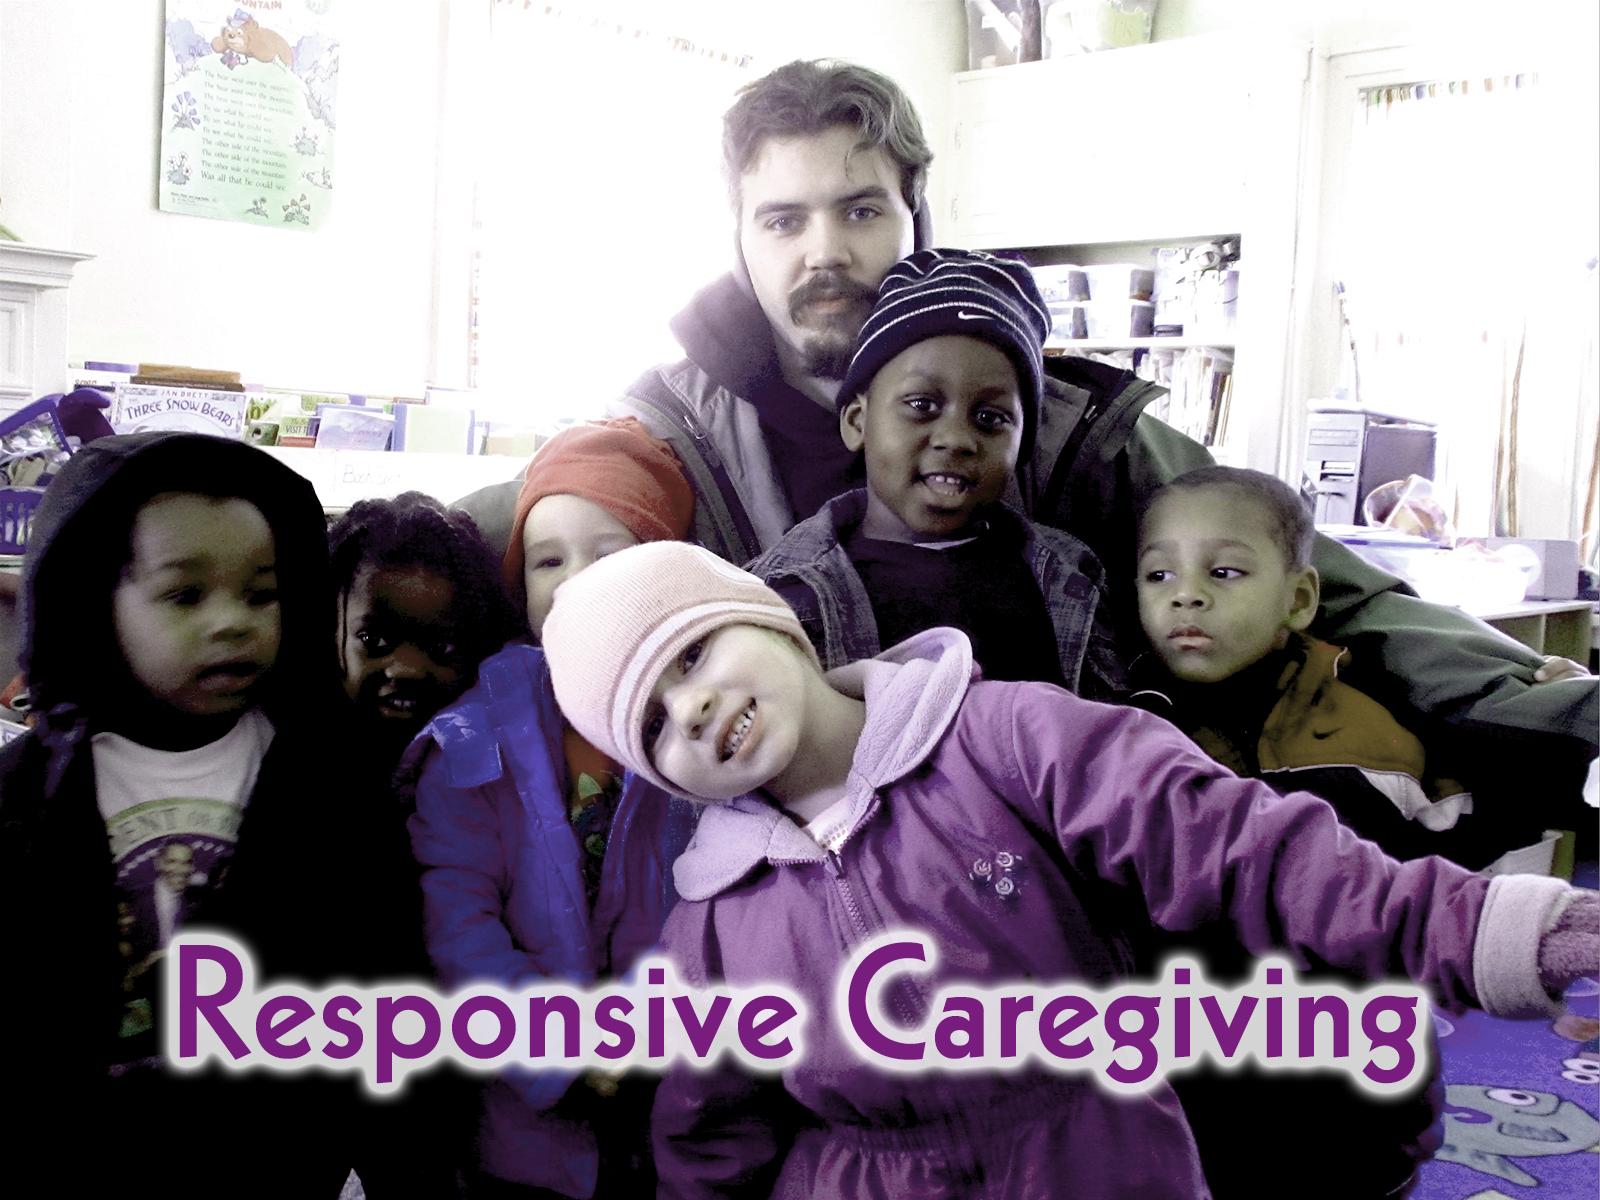 CELC1_ResponsiveCaregiving